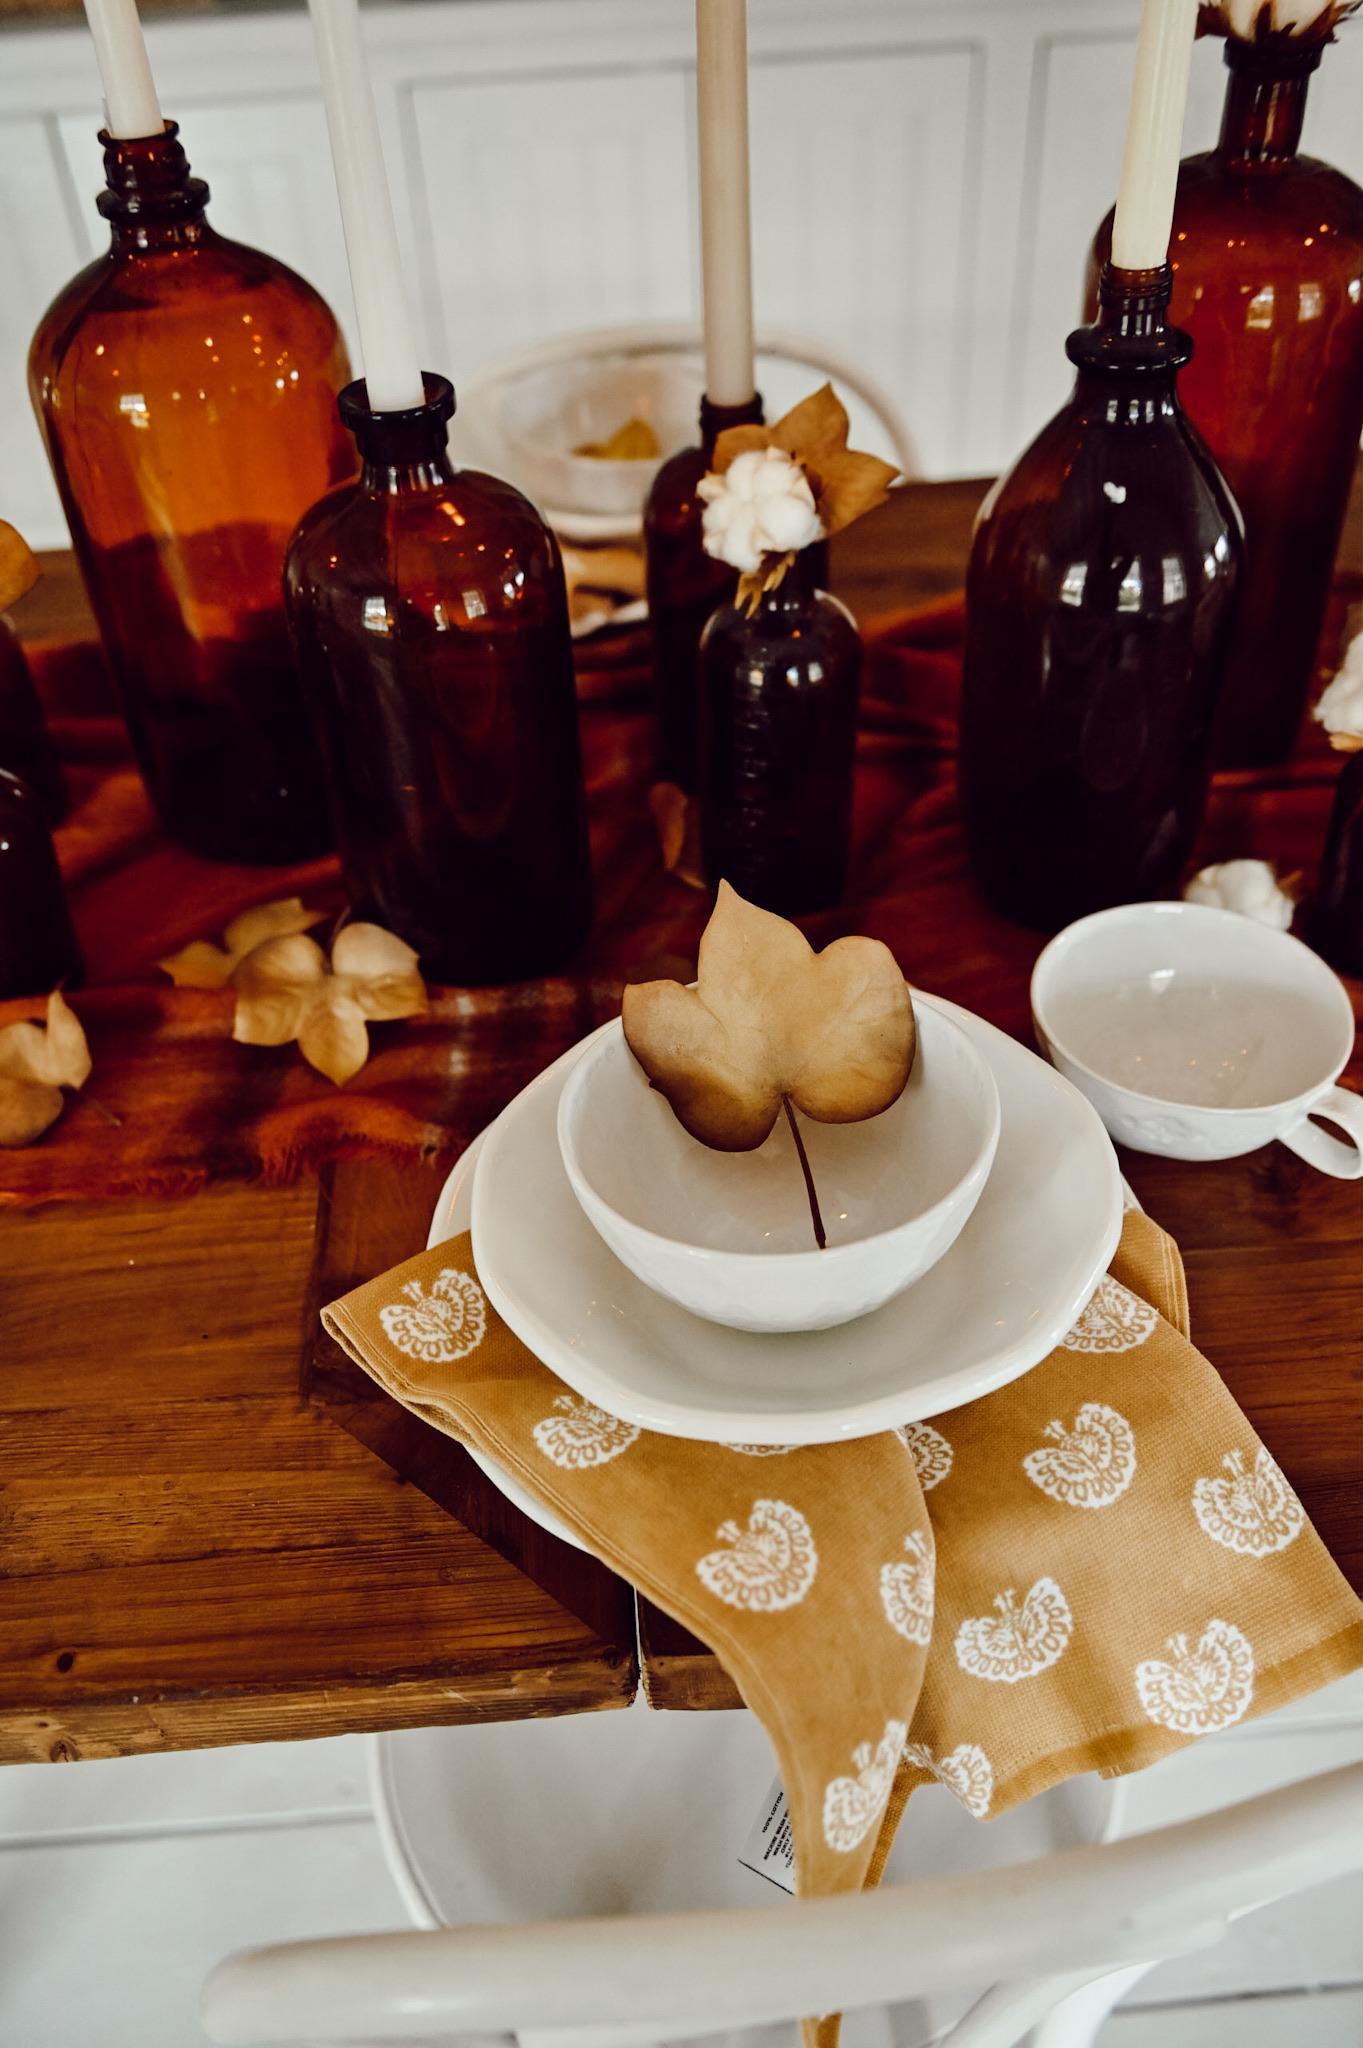 Peça central da garrafa de âmbar do outono - Blog de Liz Marie 23